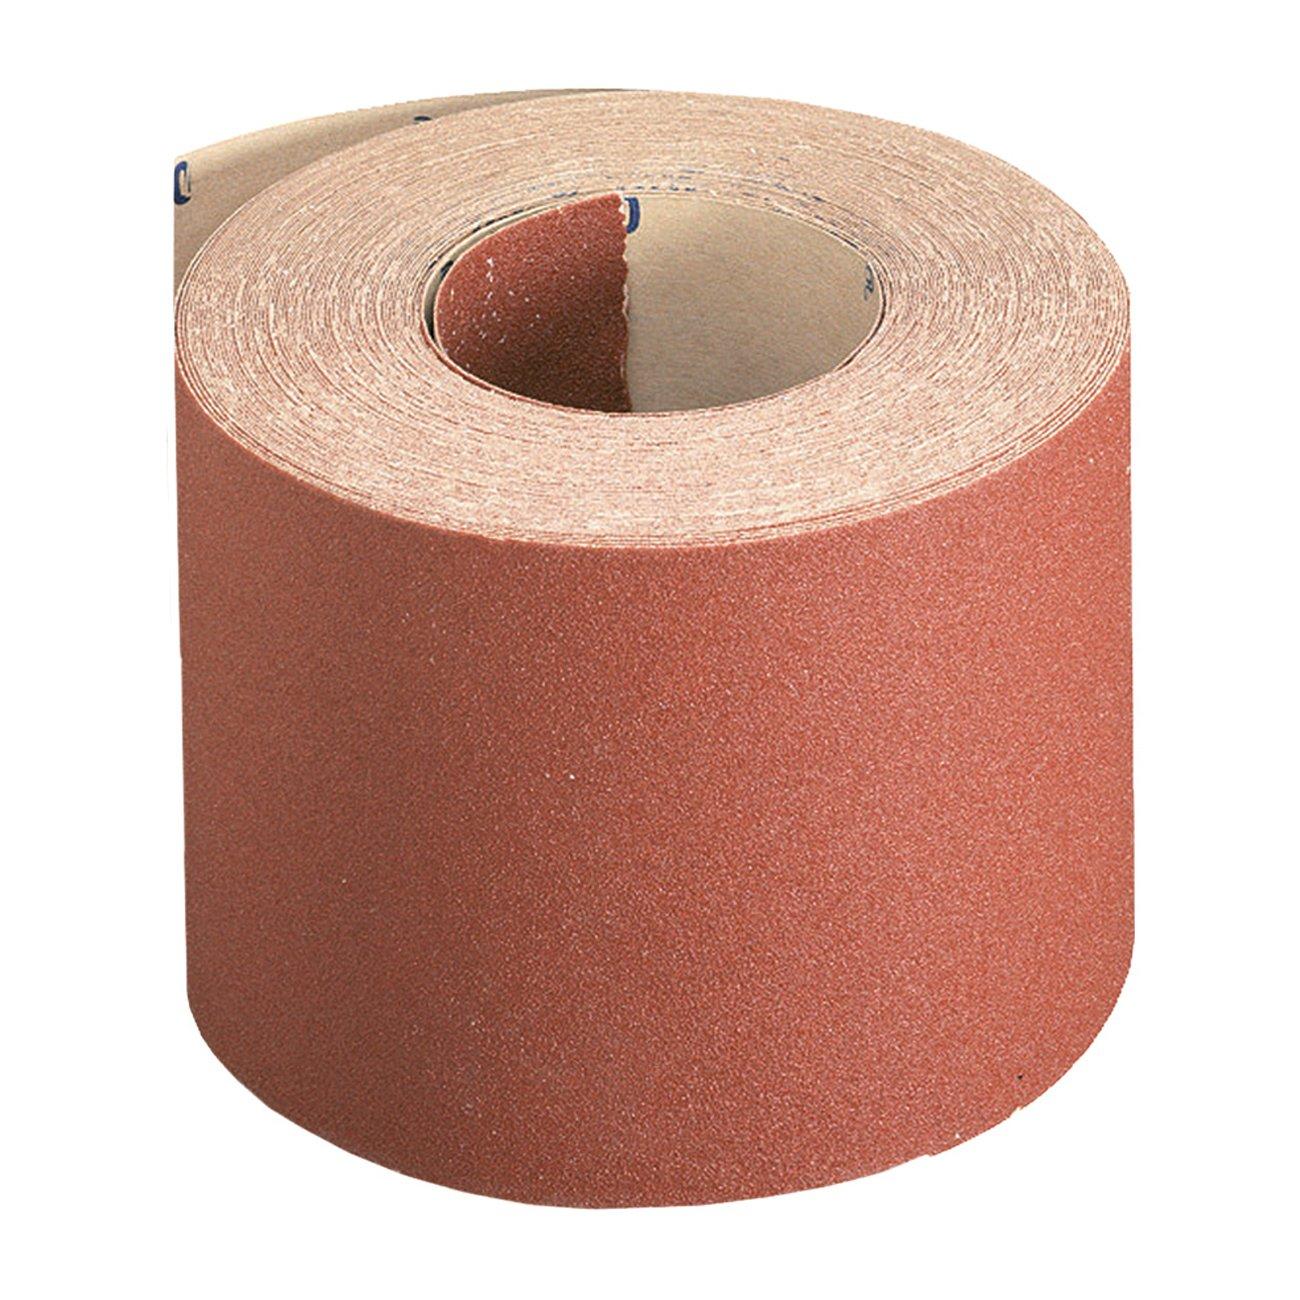 Dewalt DT3582-QZ Half and Quarter Sanding Sheet Roll, 120 Grit Size, 5 m Length x 115 mm Width Dewalt United Kingdom